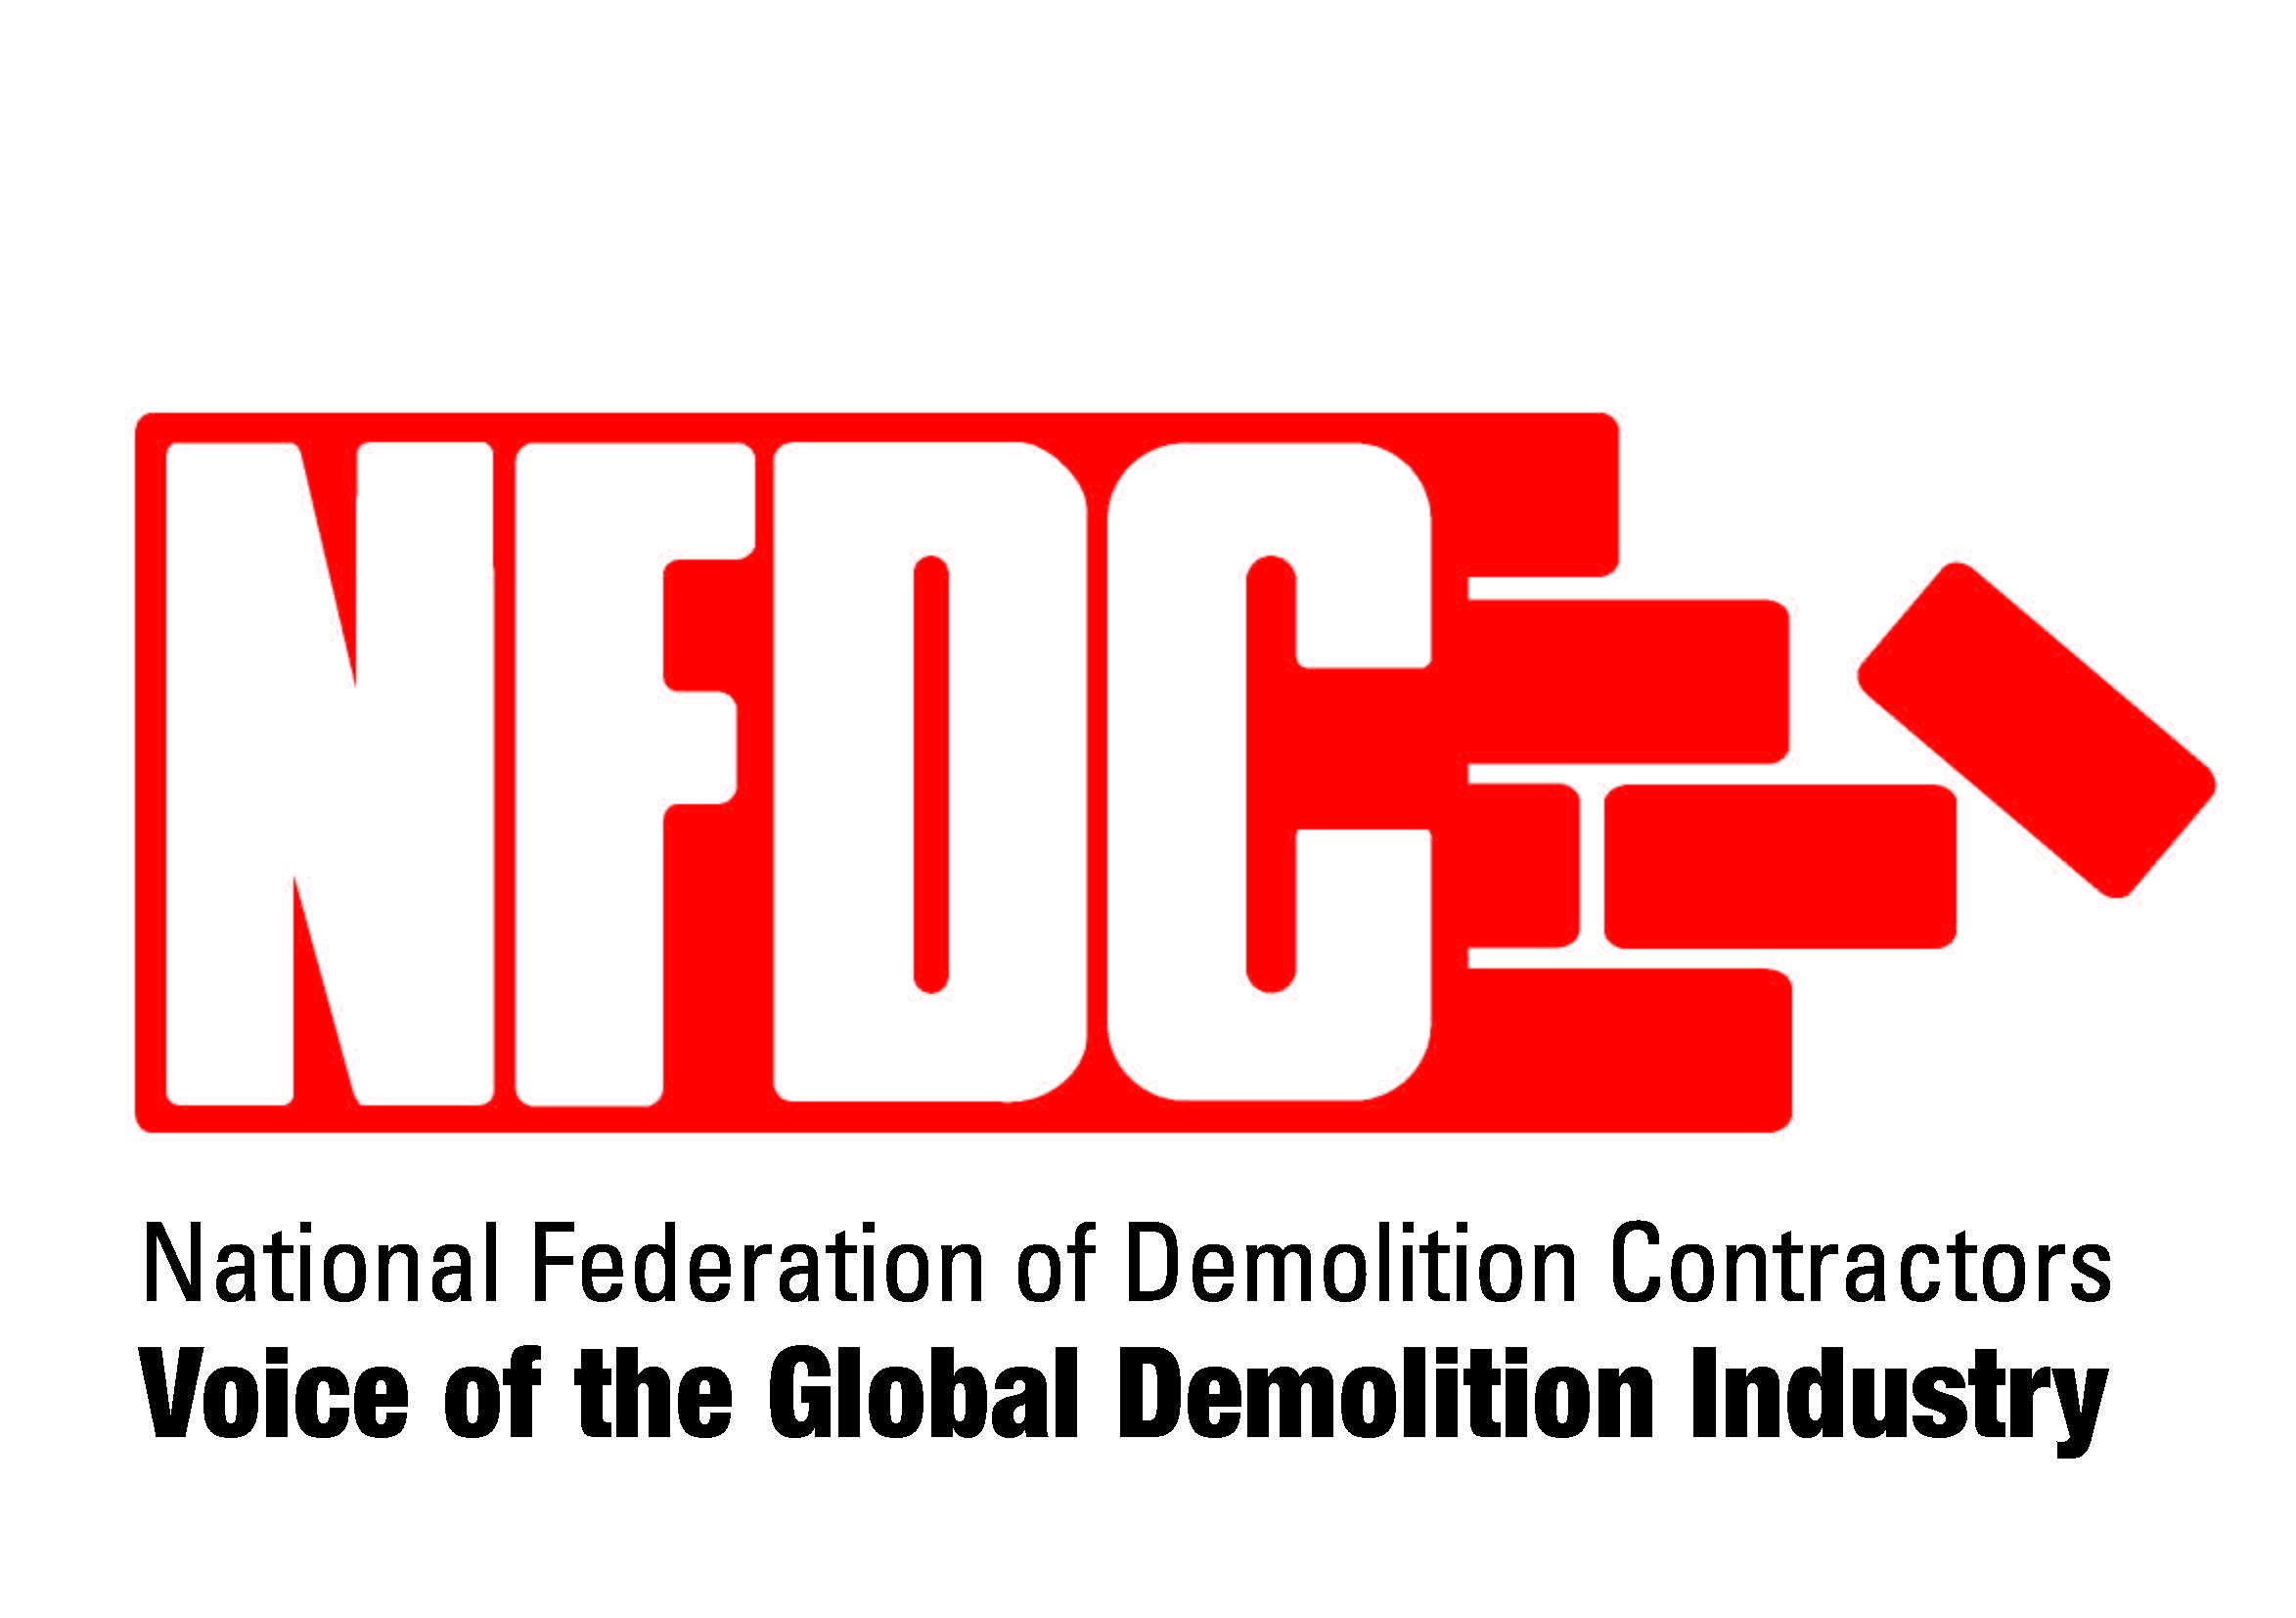 NFDC Demolition Contractor